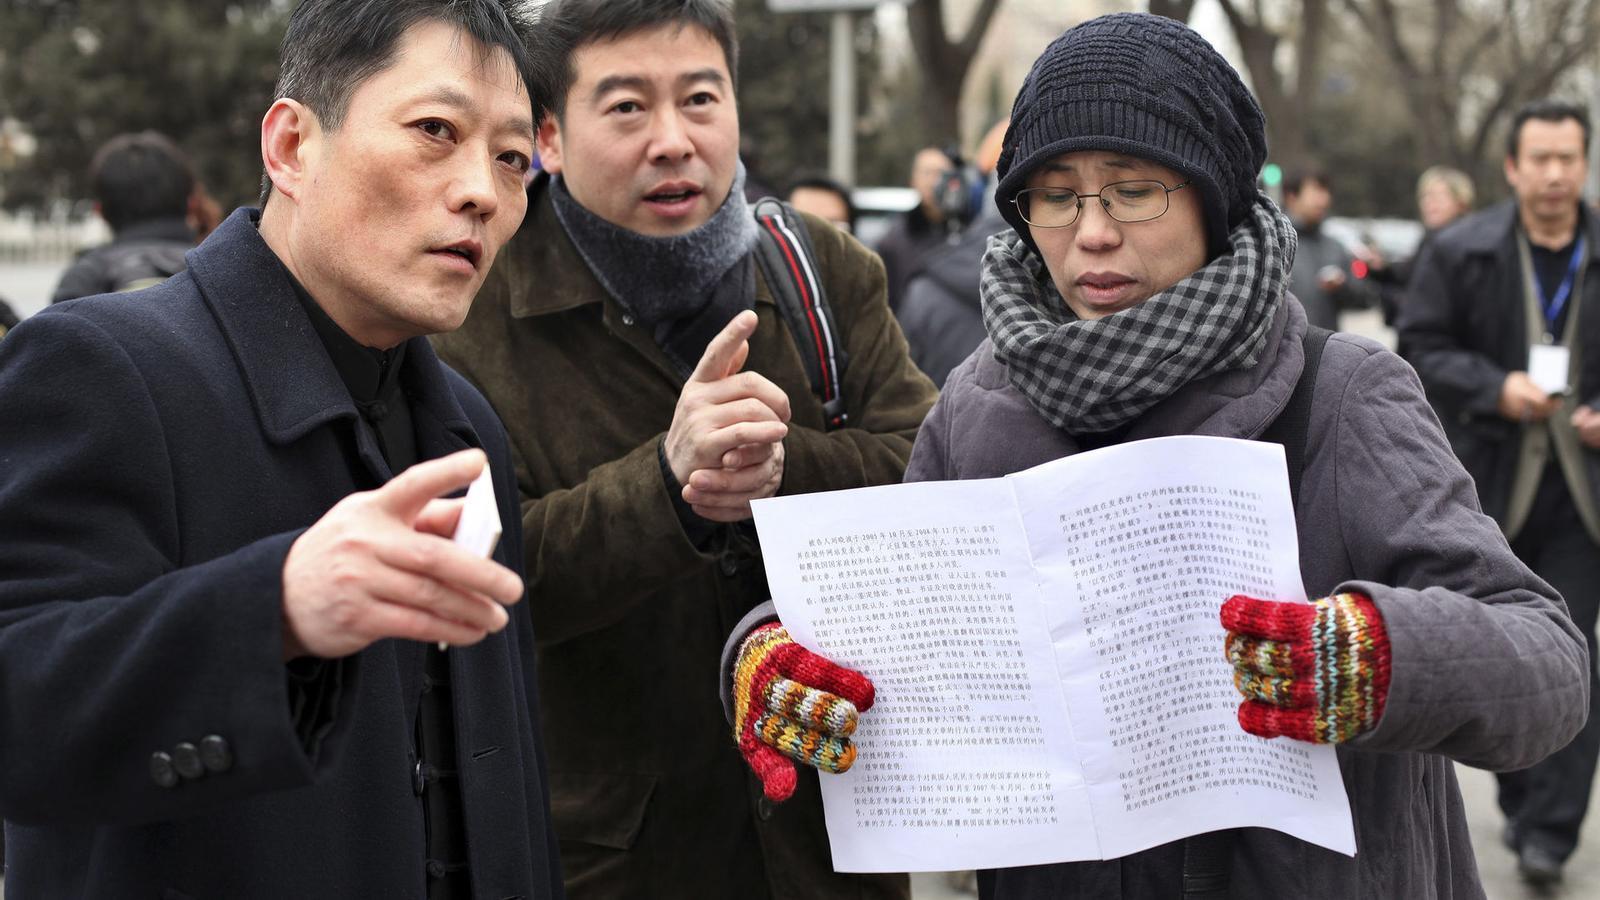 Les 'presons negres' del règim xinès